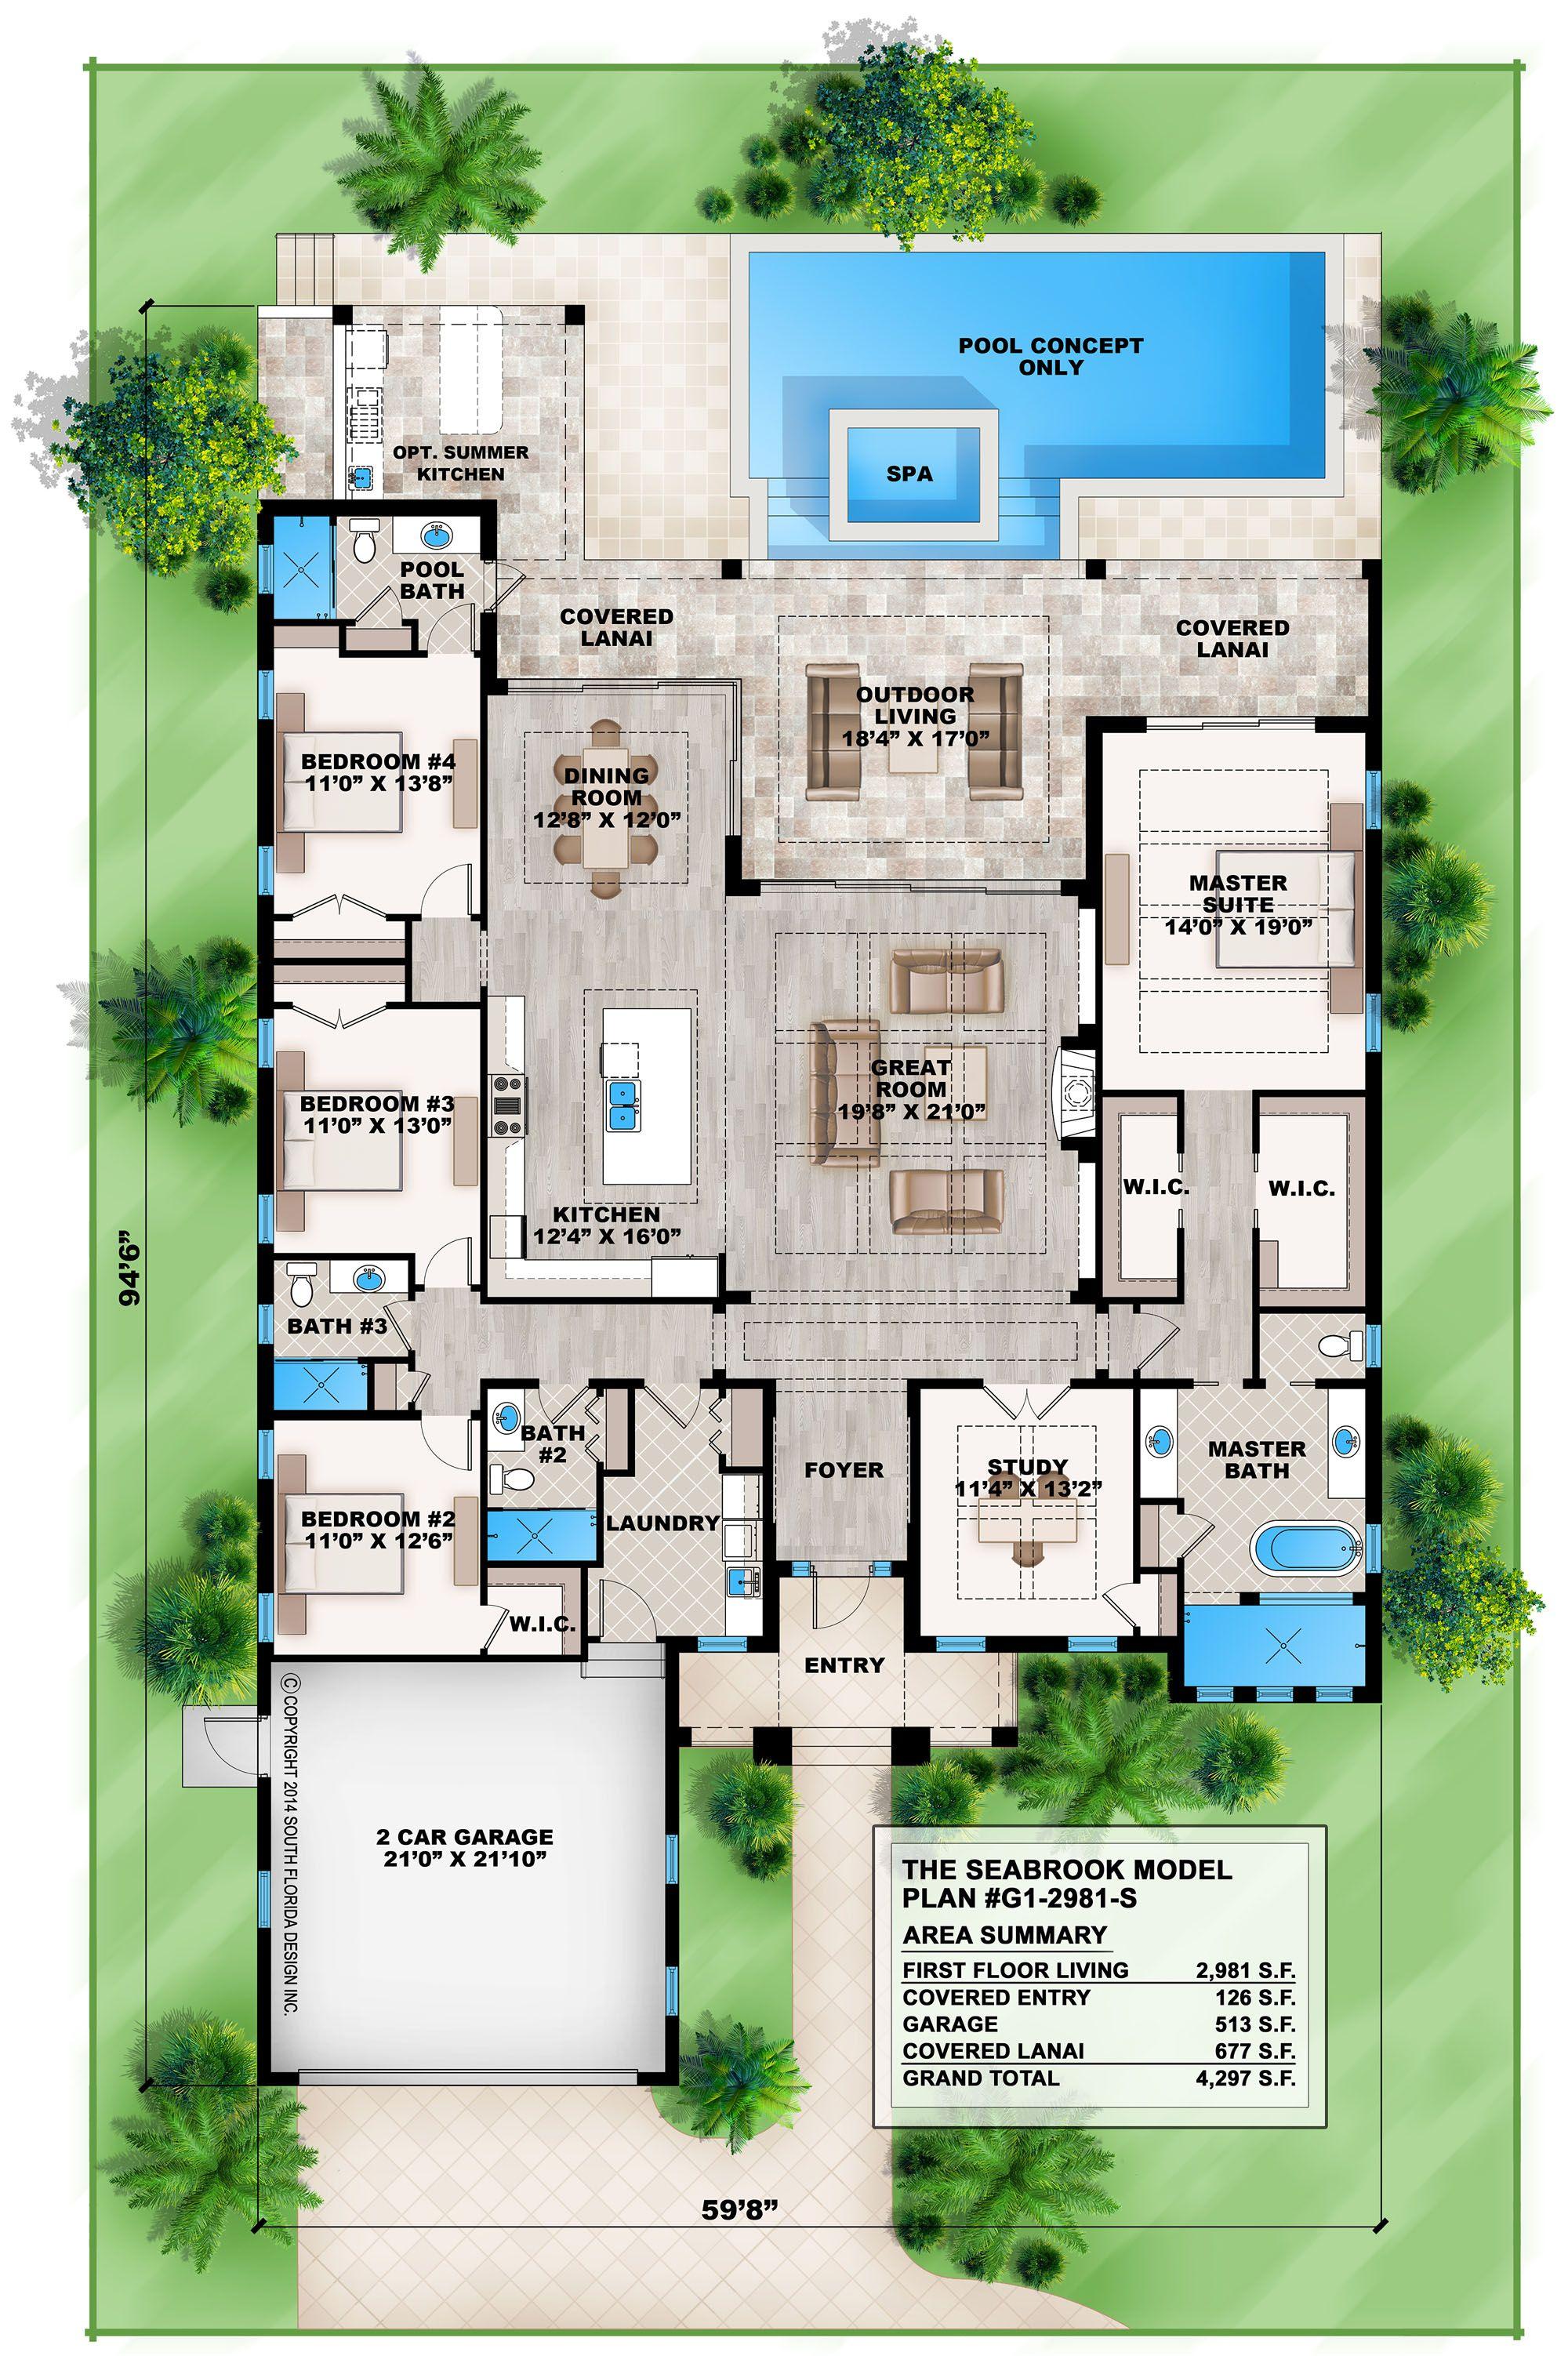 Seabrook Coastal Floor Plan This 1 story Seabrook coastal floor plan ...